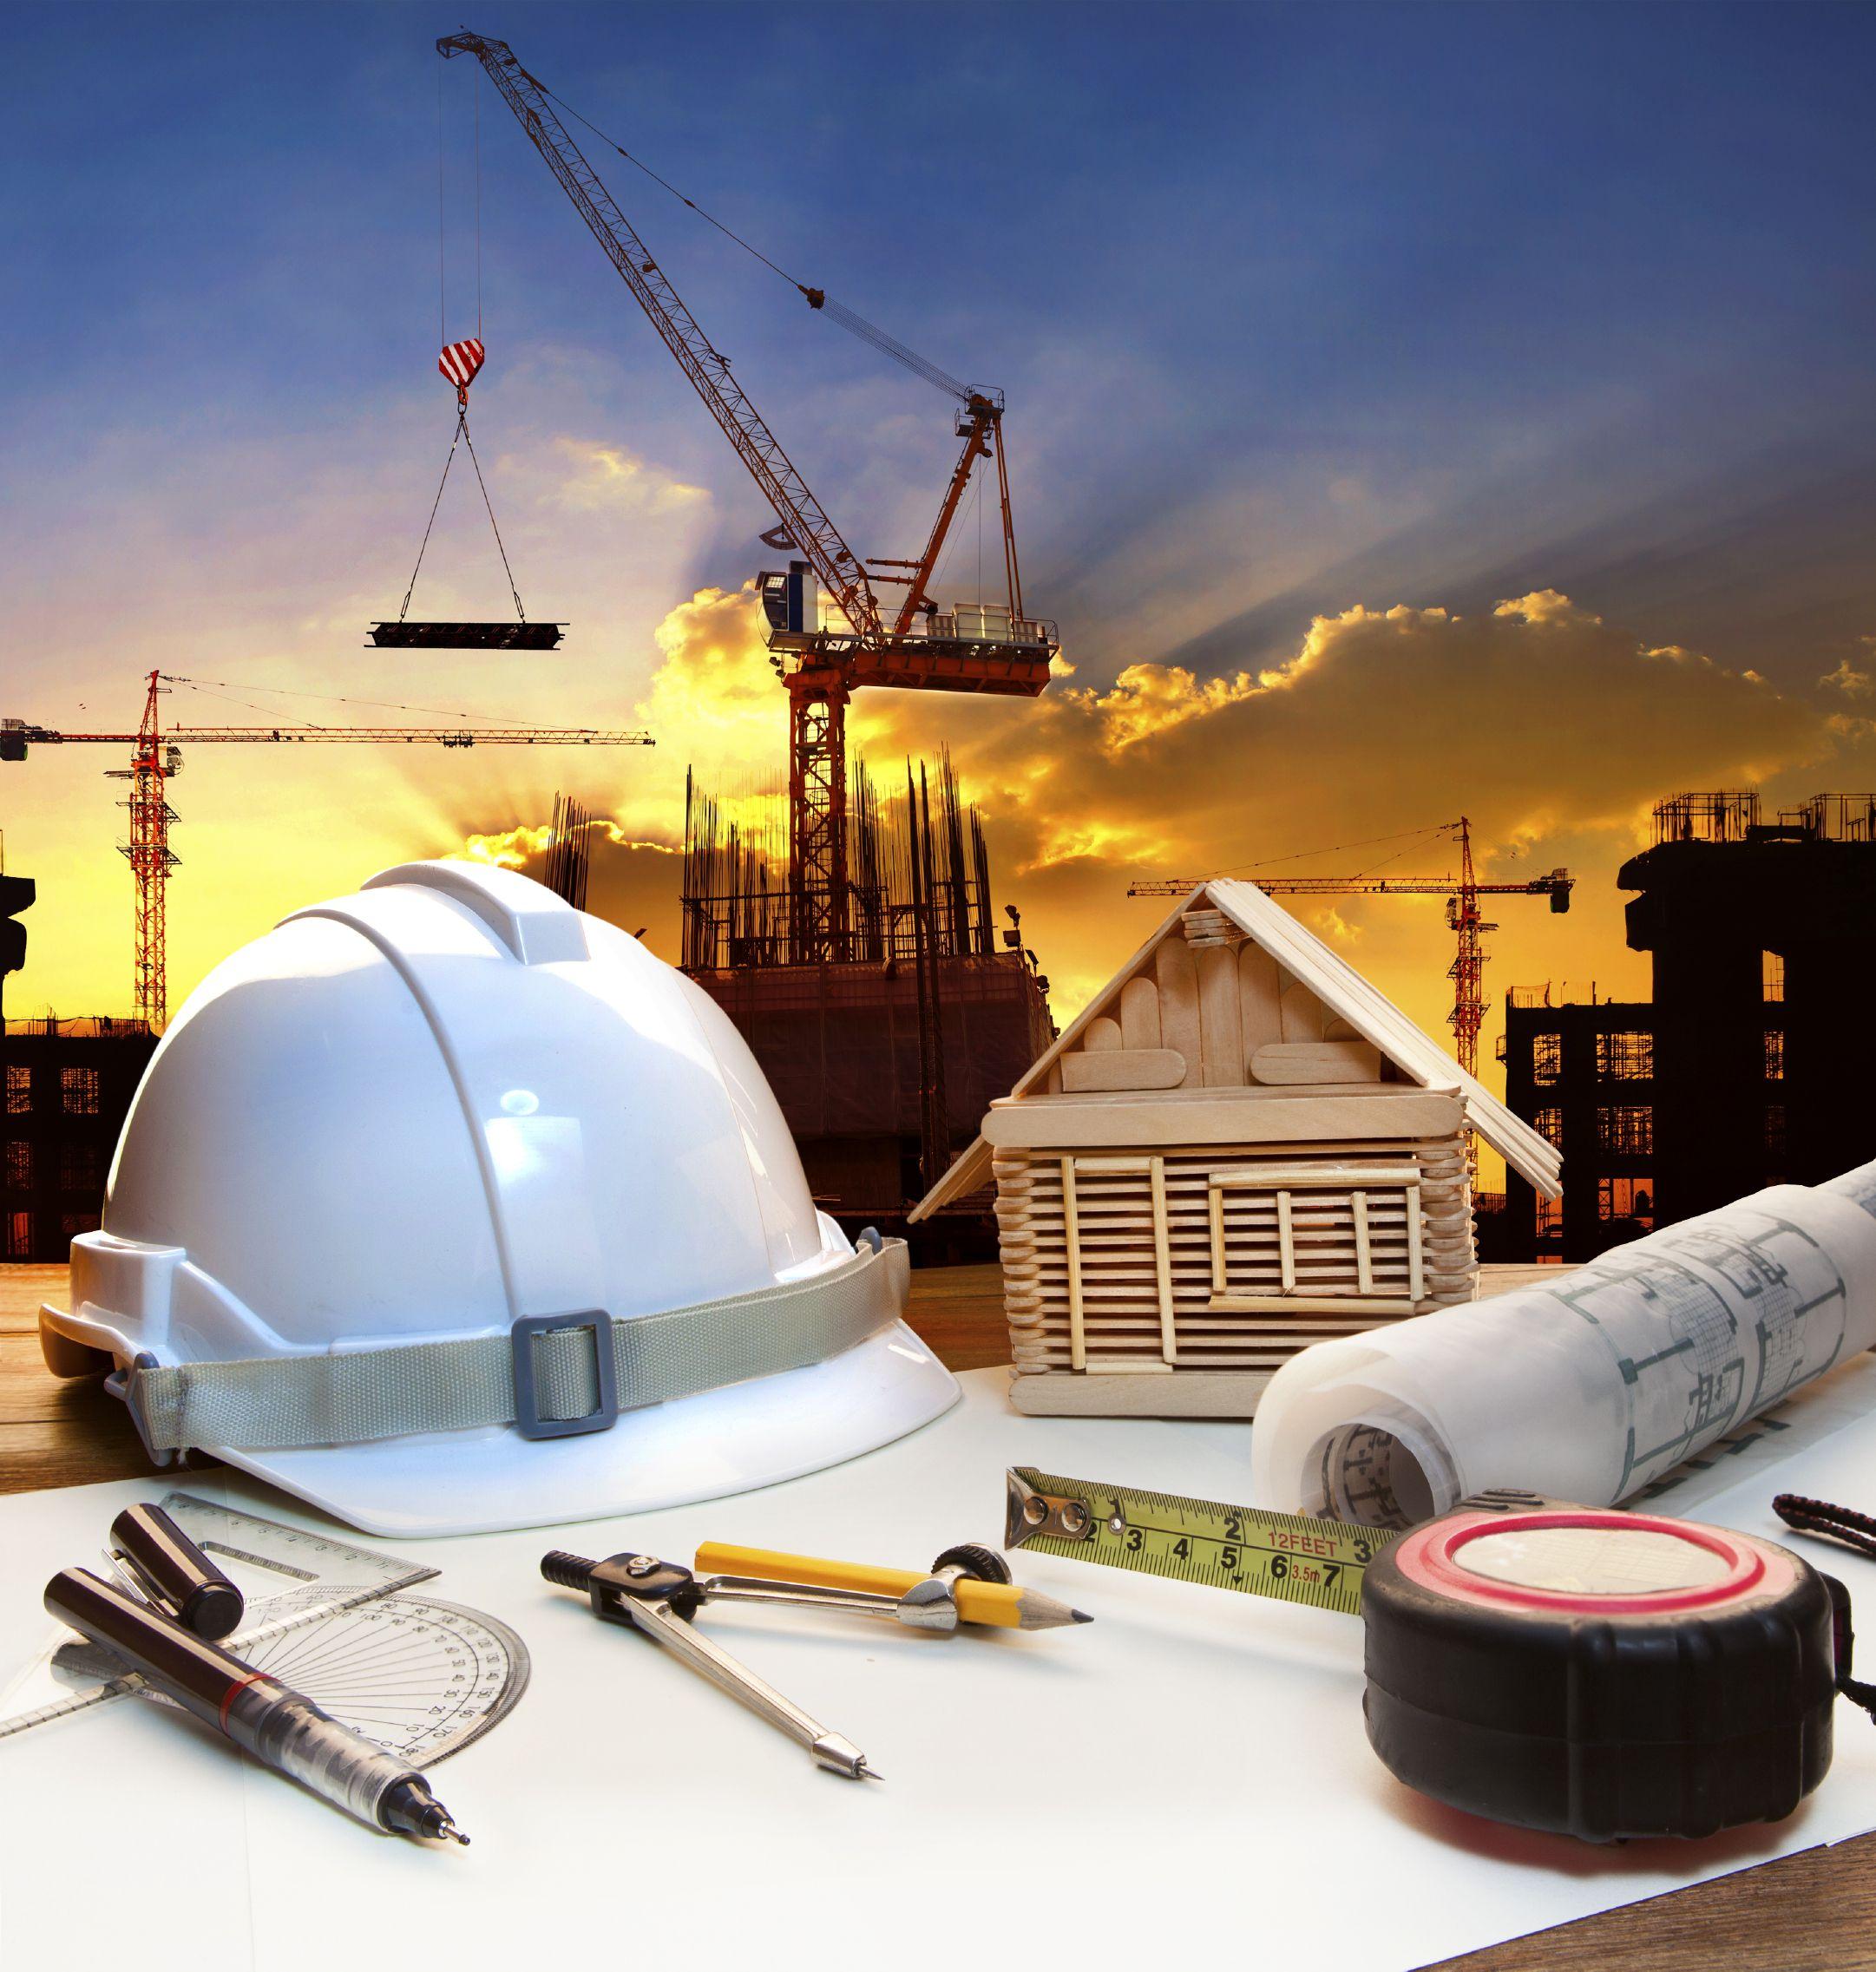 civil engineering civil engineering is a major engineering field